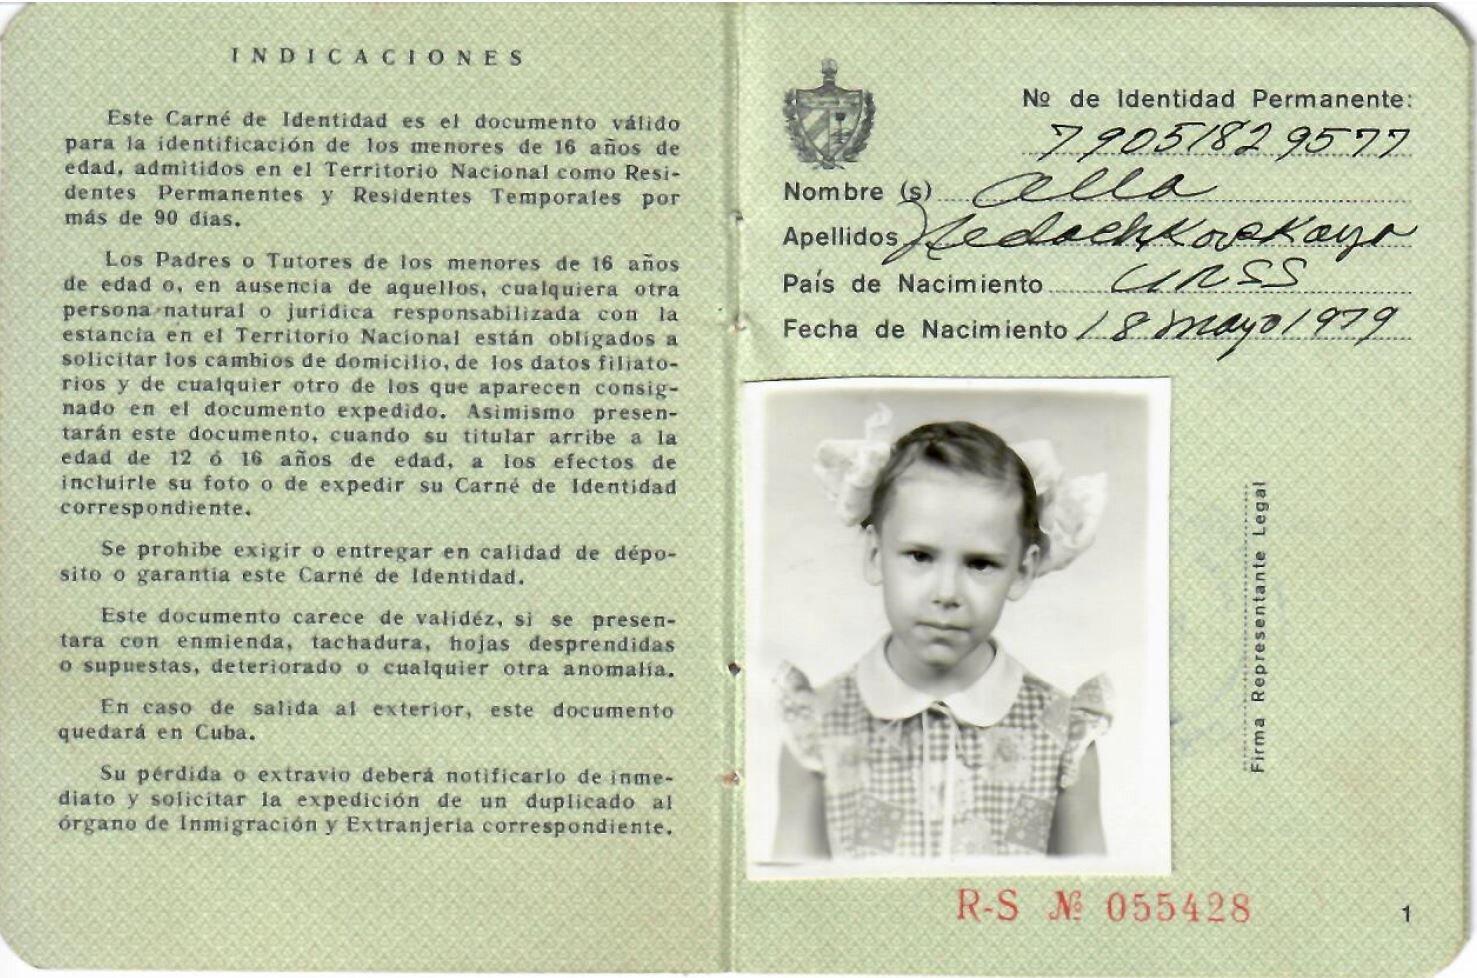 092A. Удостоверение личности для детей-иностранцев. 0-1 страницы.